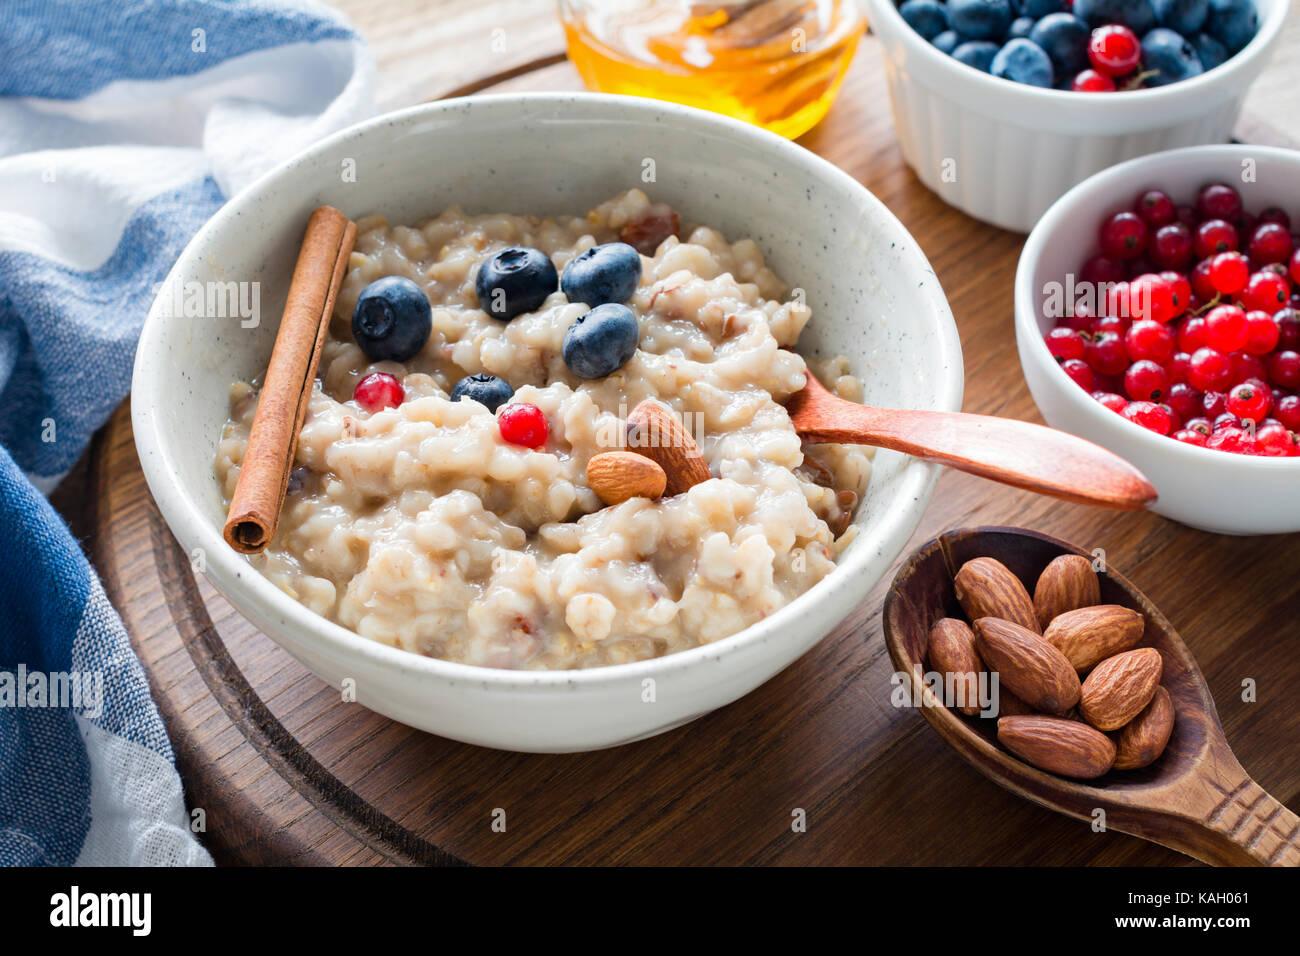 Farina di avena porridge con mirtilli, mandorle e uva secca di Corinto nella ciotola. una sana prima colazione, Immagini Stock